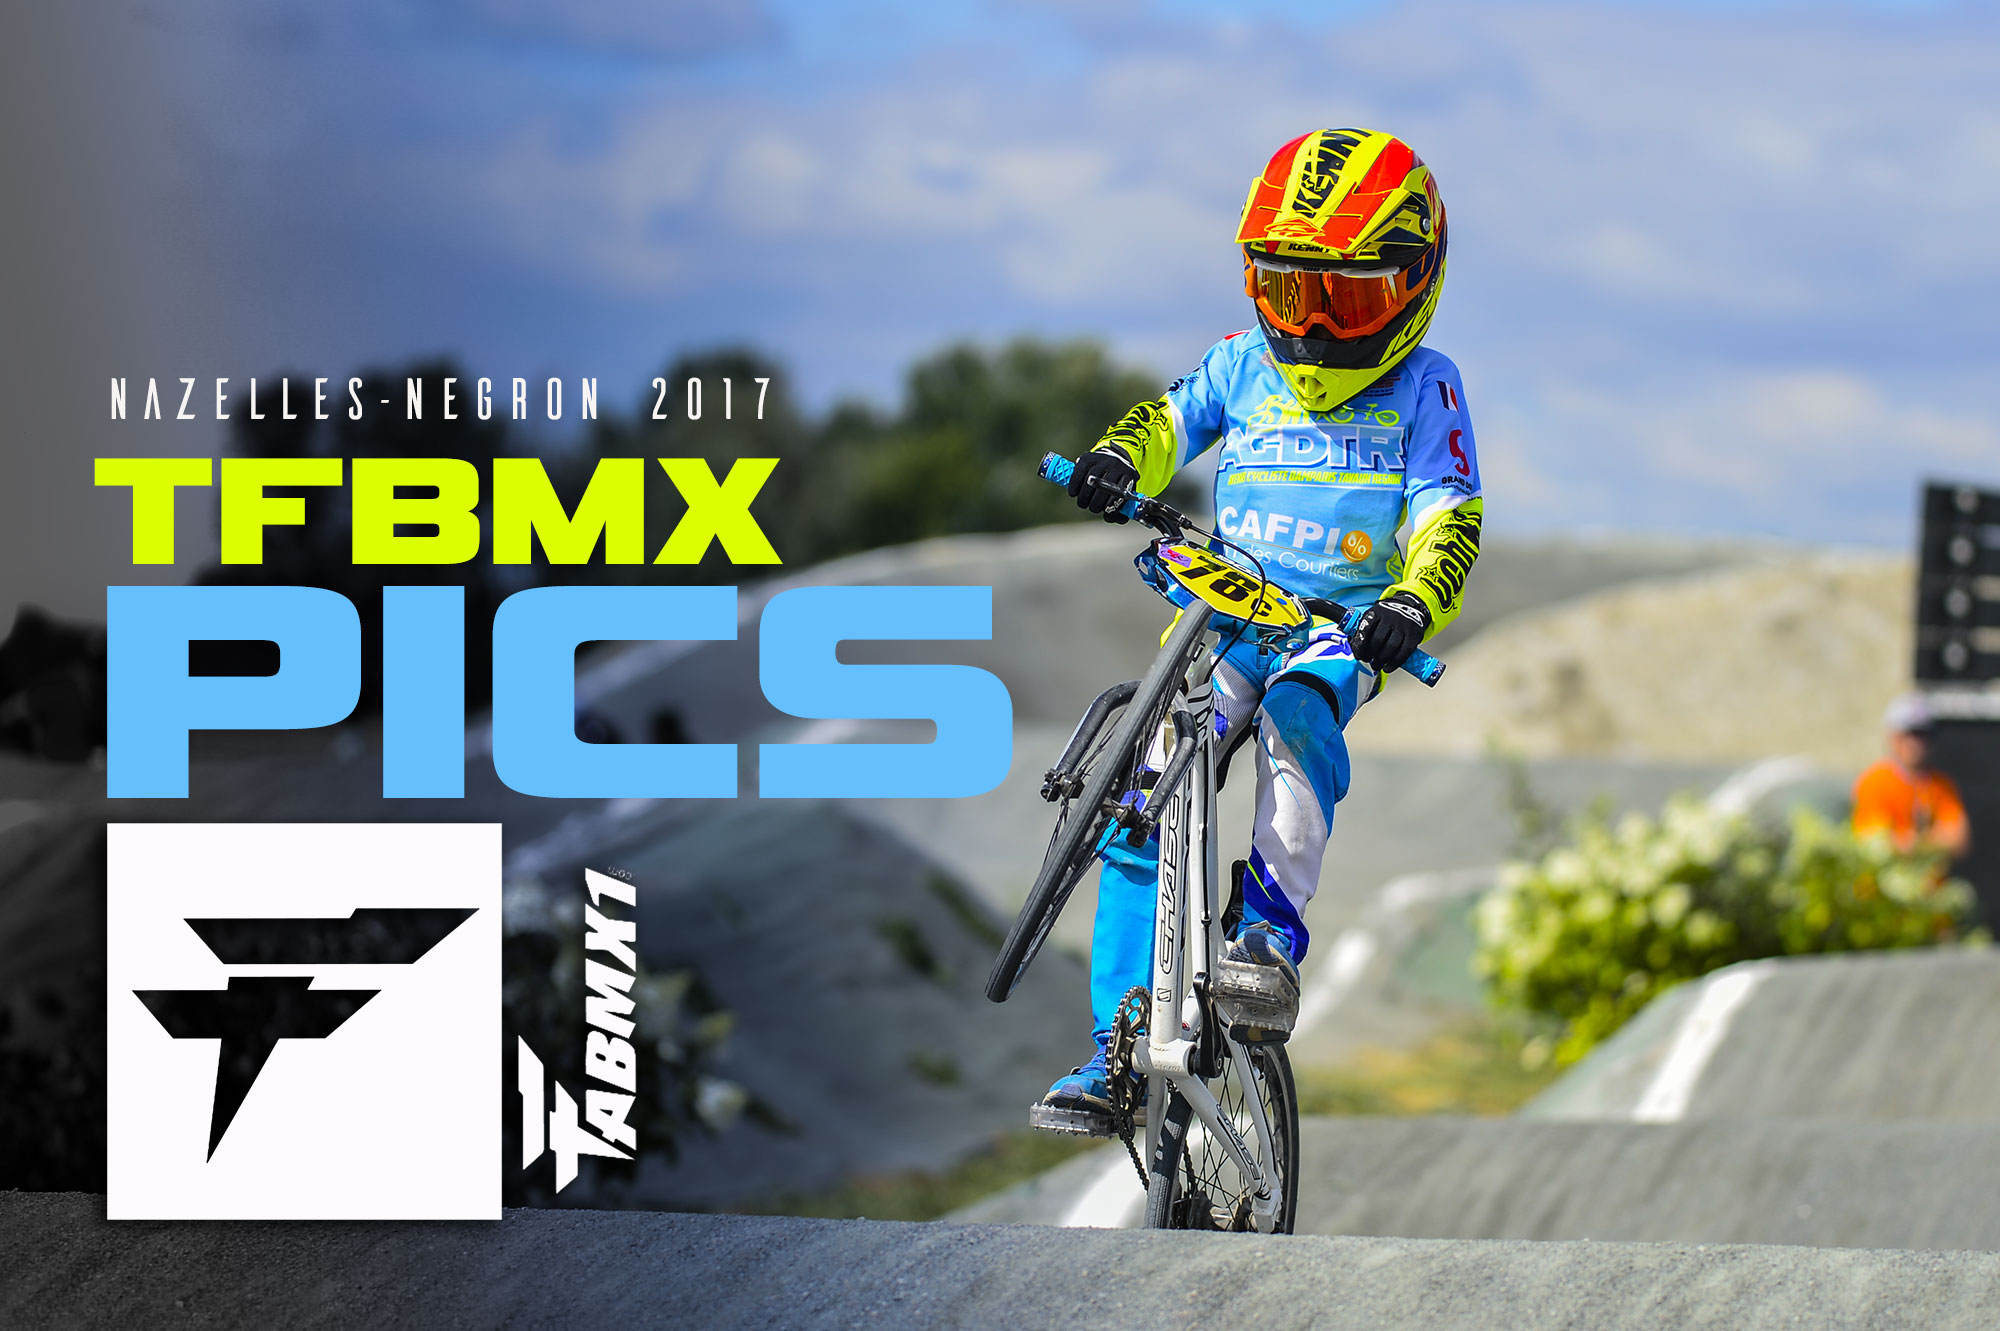 TFBMX FABMX1 PICS